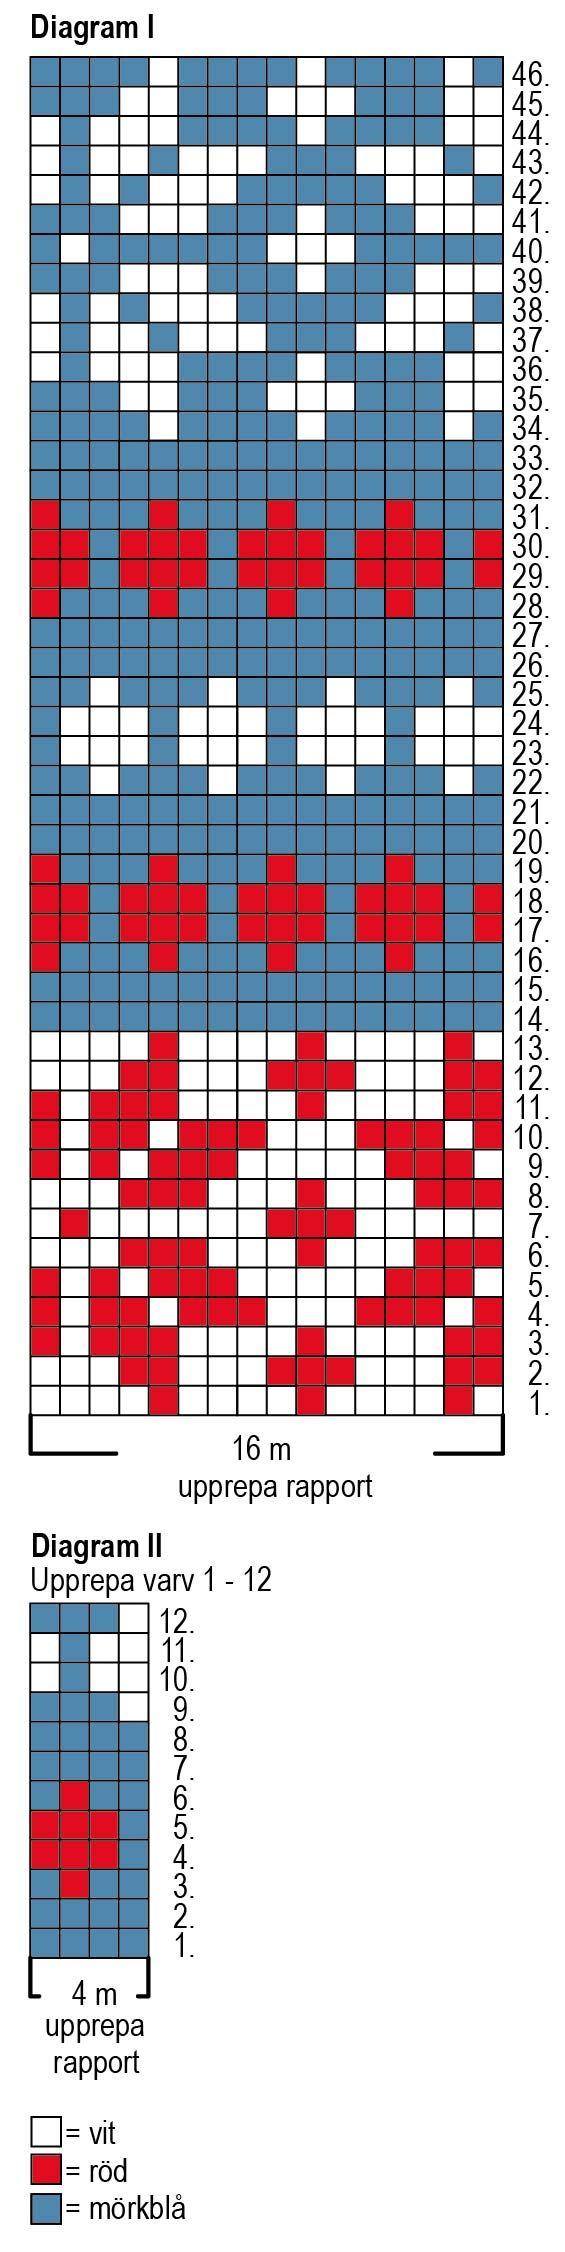 29_vintern16_diagram-02.jpg (565×2252)